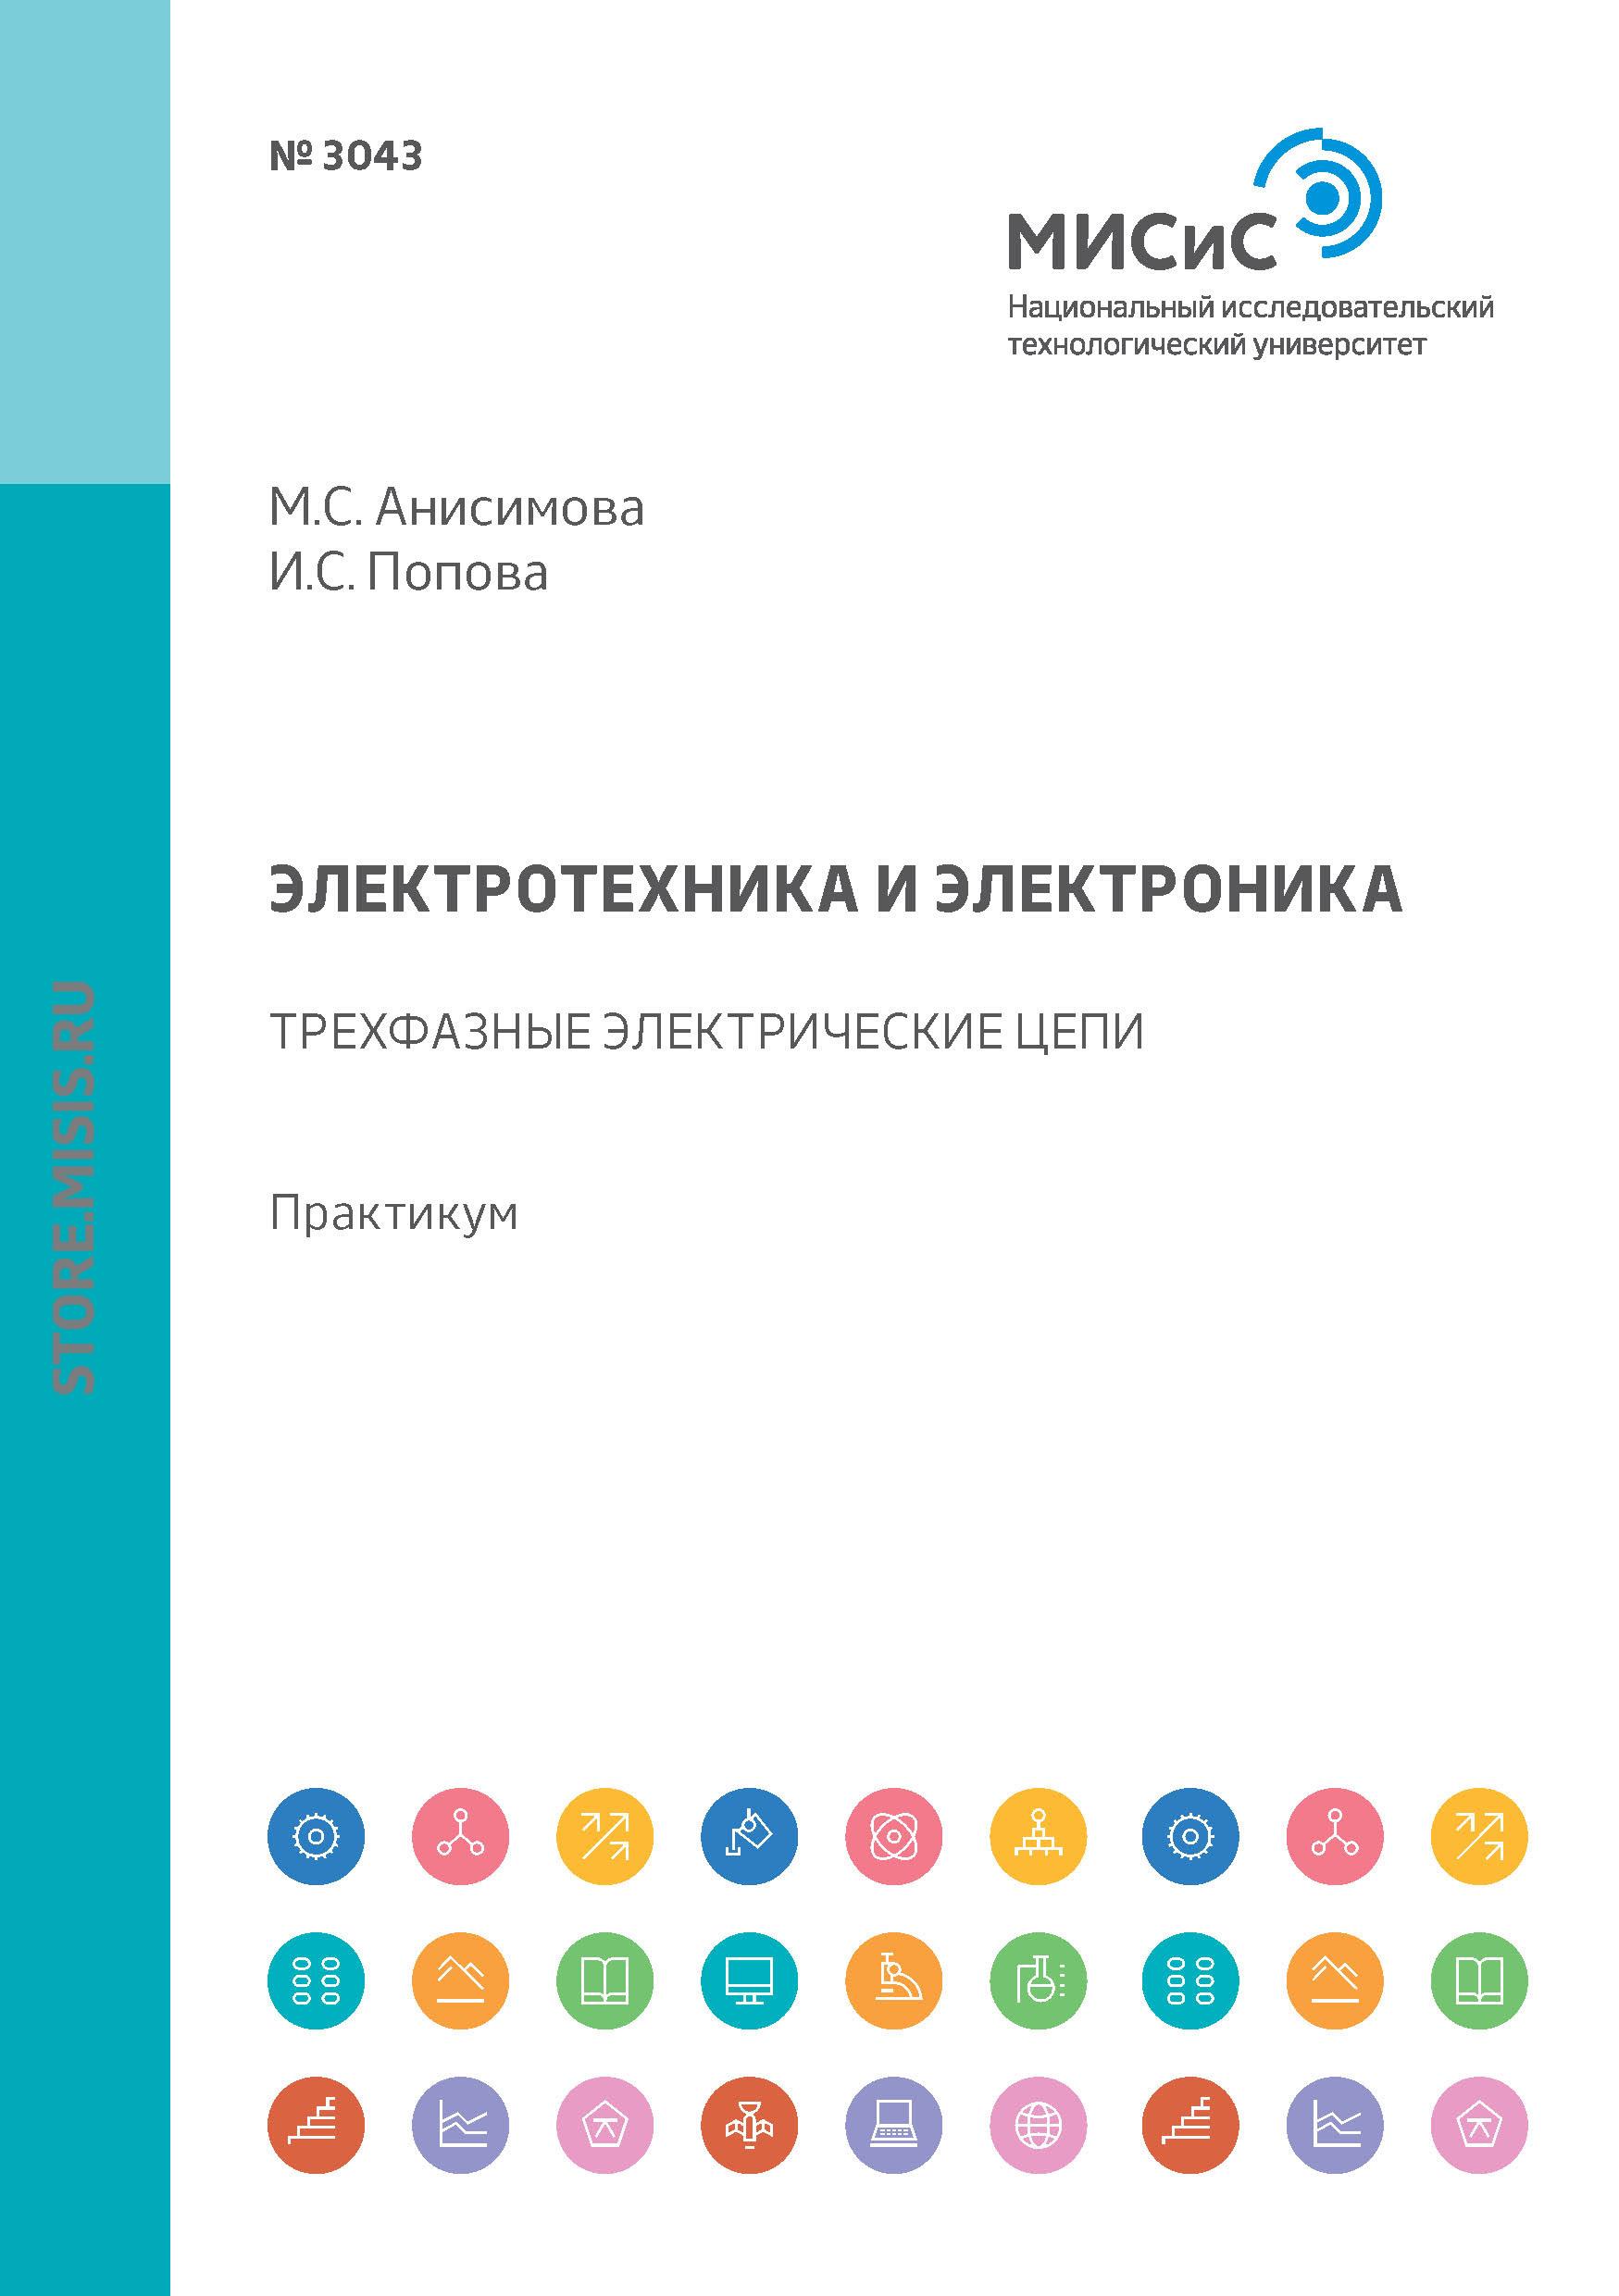 М. С. Анисимова Электротехника и электроника. Трехфазные электрические цепи. Практикум цена 2017